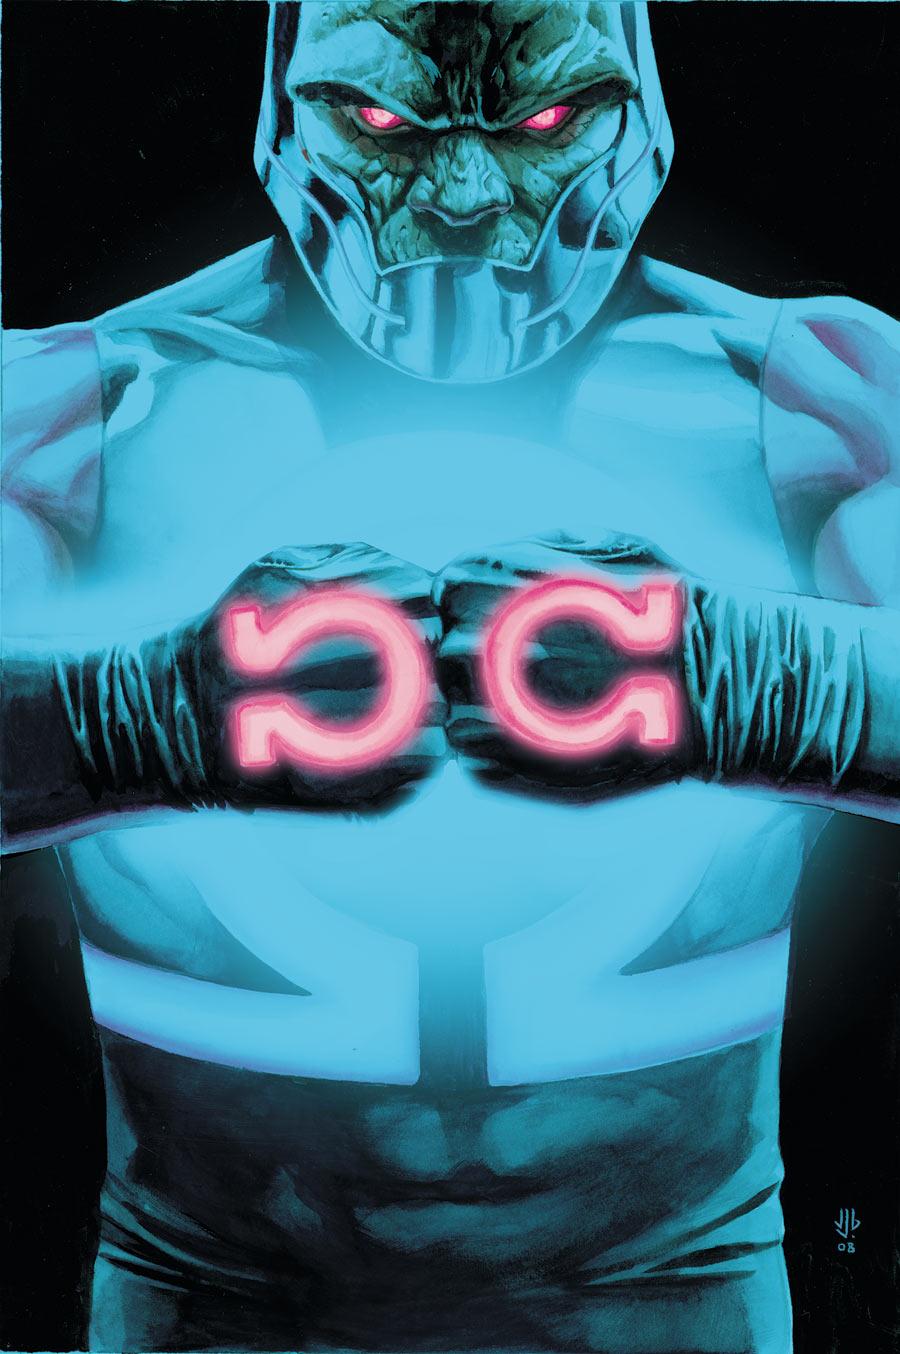 Afbeeldingsresultaat voor darkseid logo